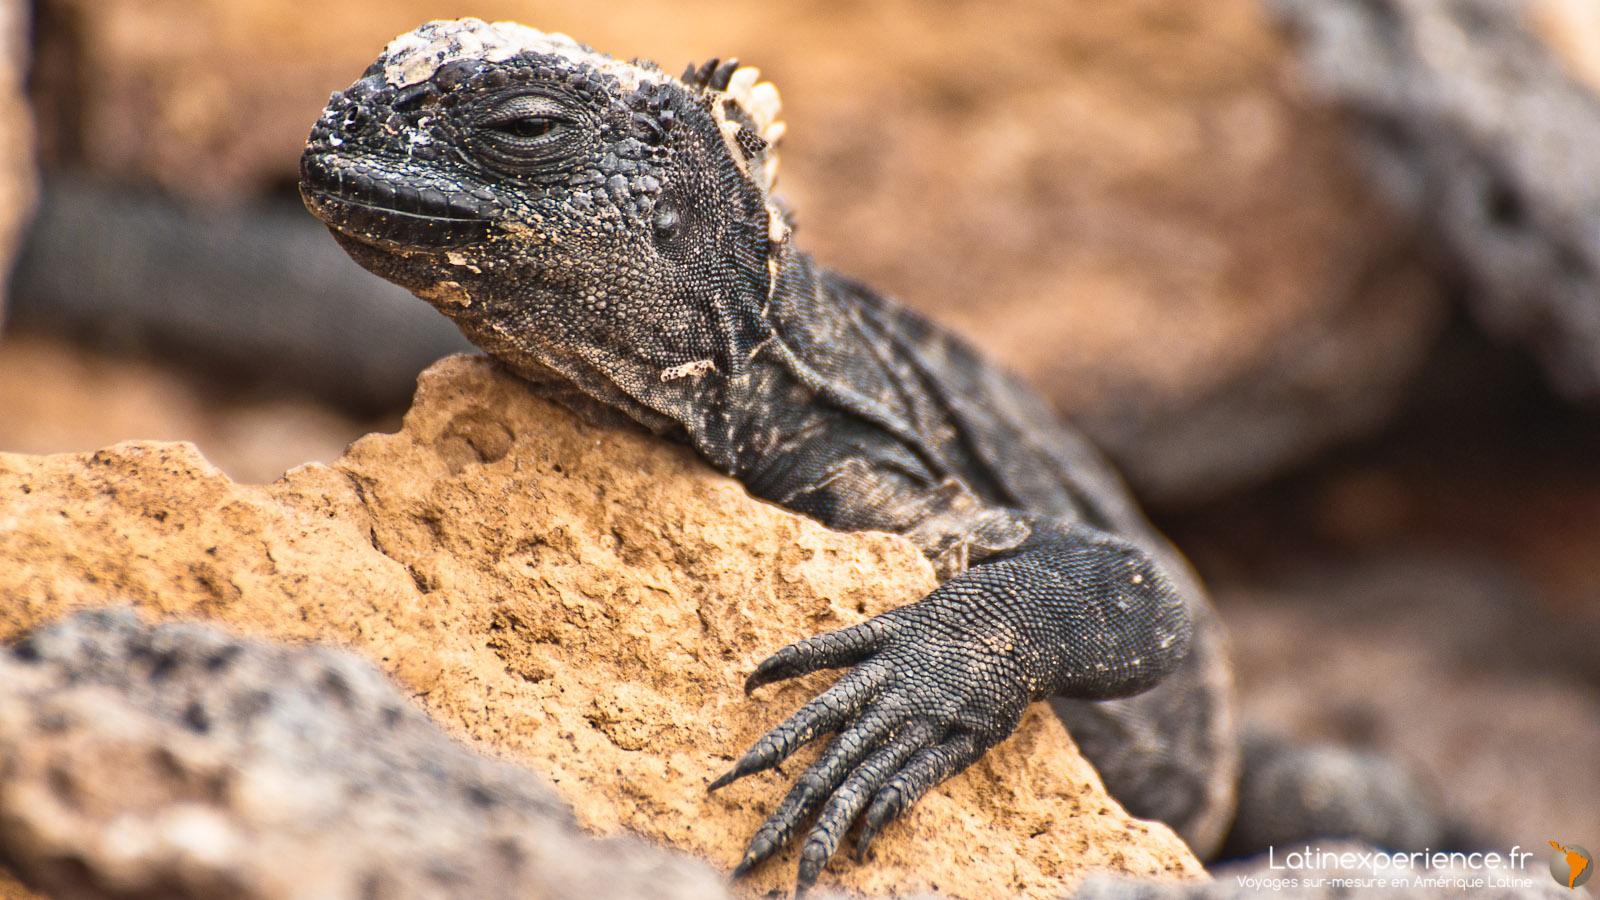 Galapagos - Bébé Iguane - Latinexperience voyages